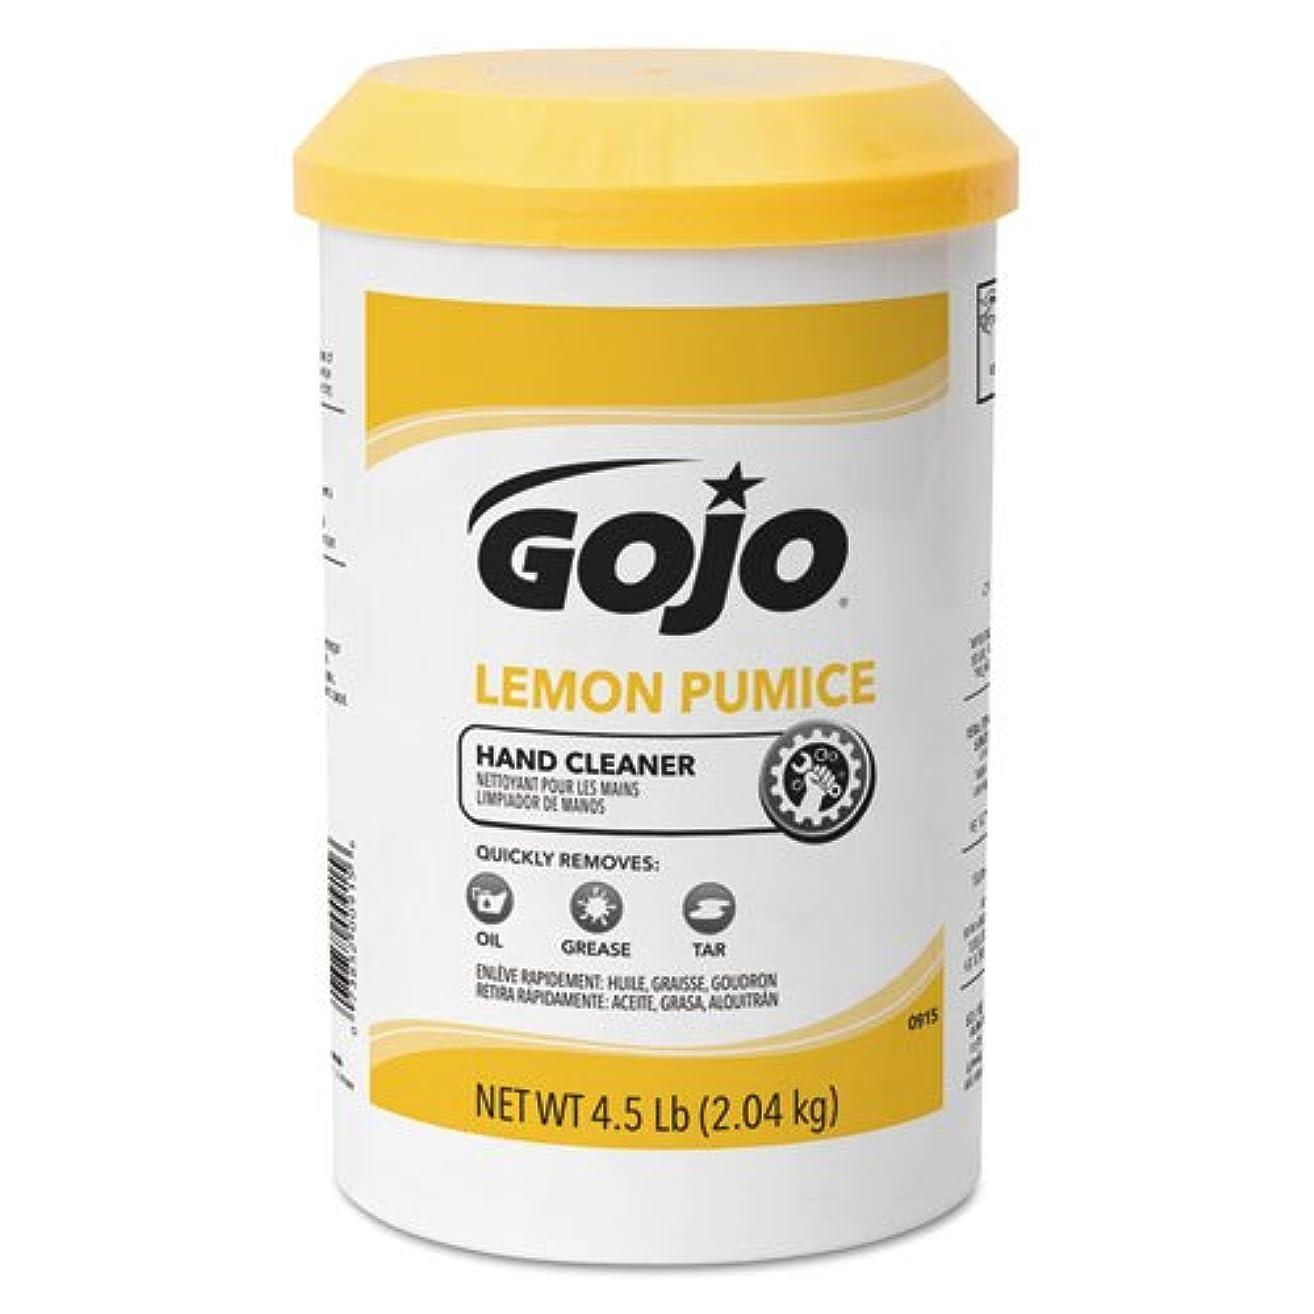 確認するモーション肝Gojo レモンプーミス ハンドクリーナー レモンの香り 4.5ポンド GOJ0915